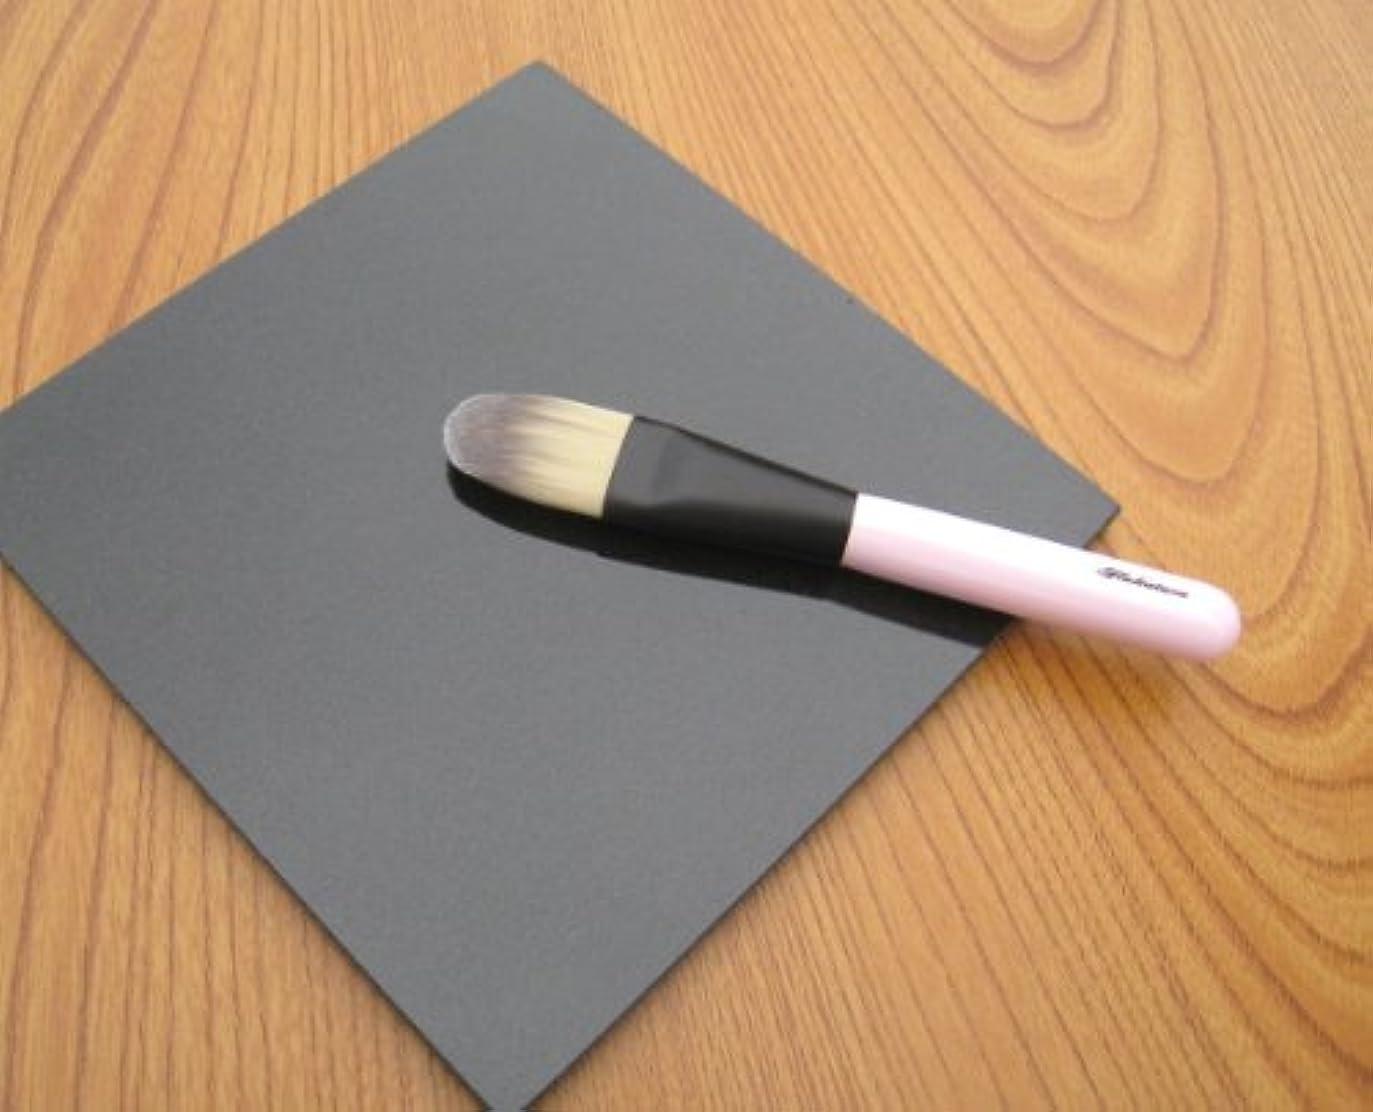 保護するアライアンスフェミニン熊野筆 北斗園 PKシリーズ リキッドファンデーションブラシ